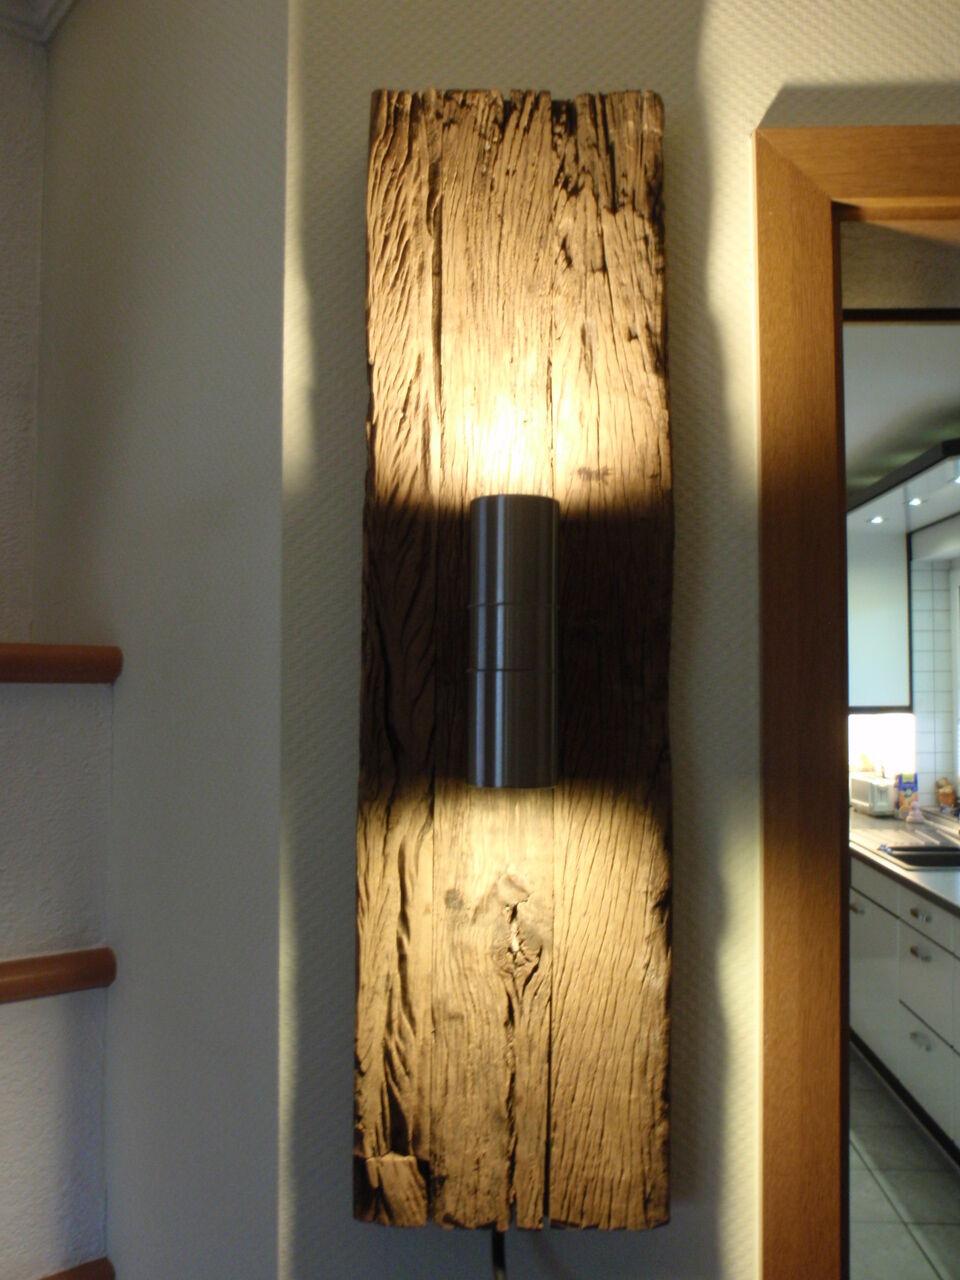 Design Wandlampe, Wand Strahler Eiche, Wandleuchte Vintage  handgefertigt